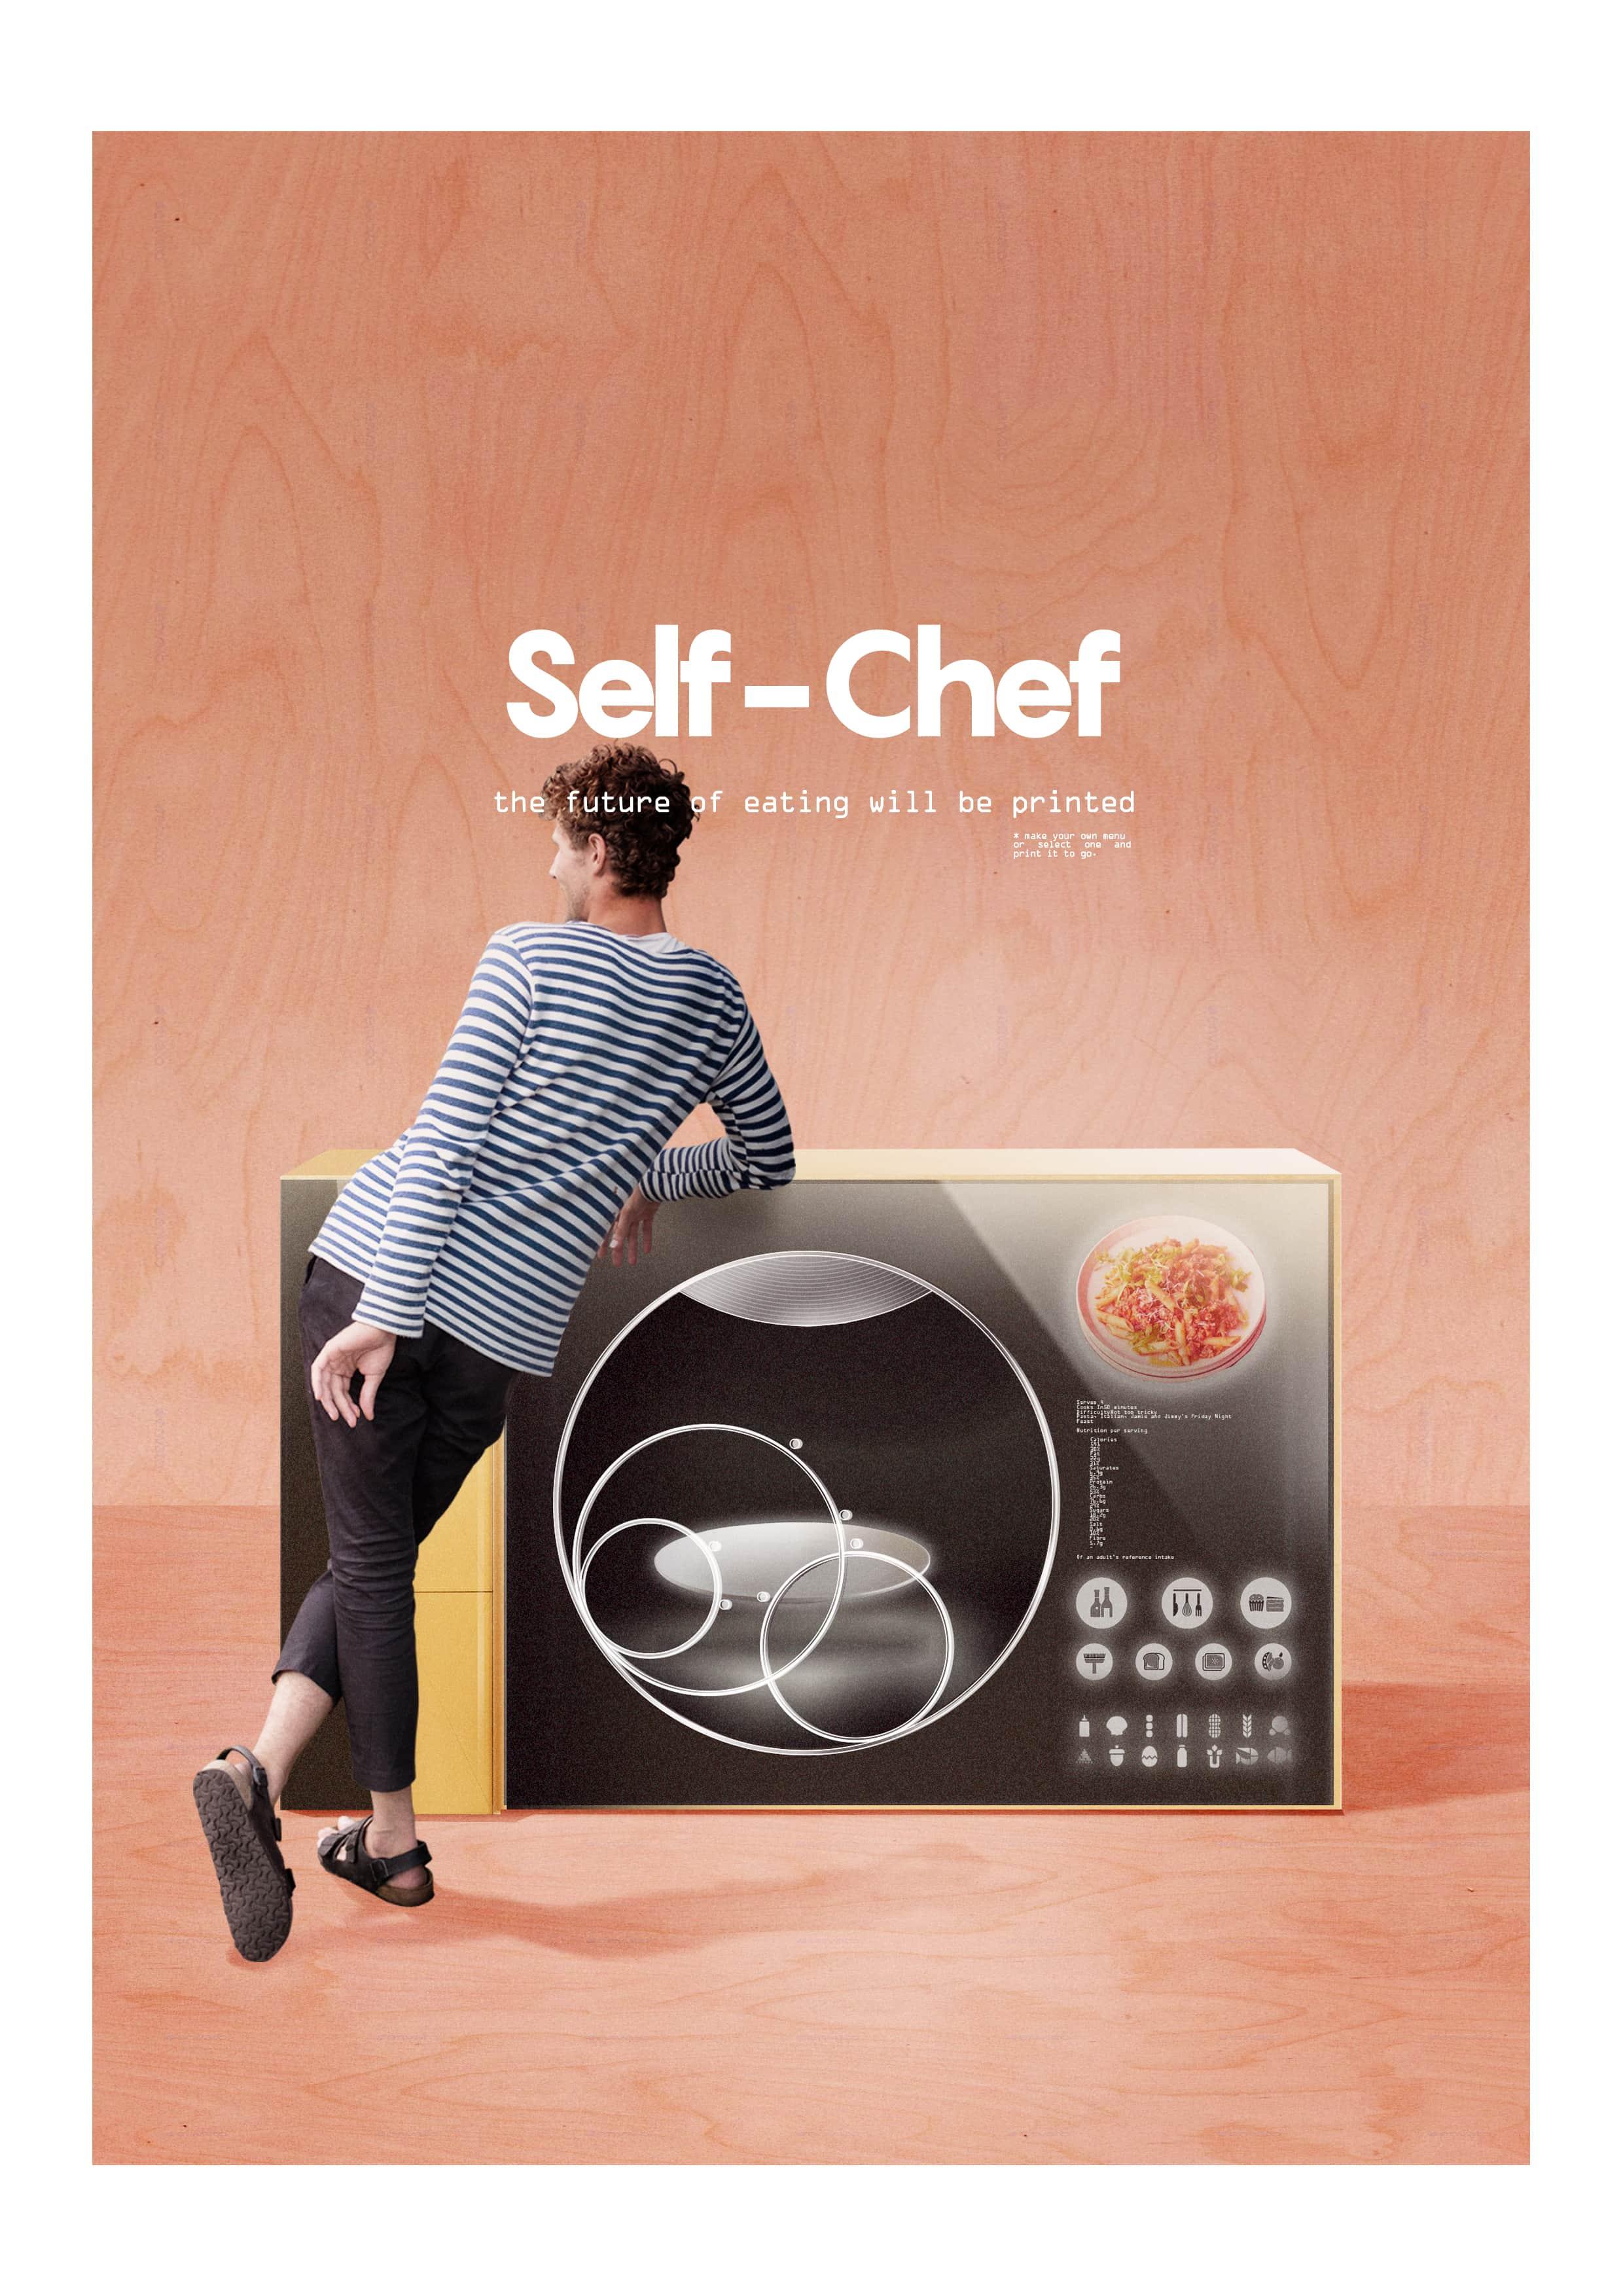 Self-Chef